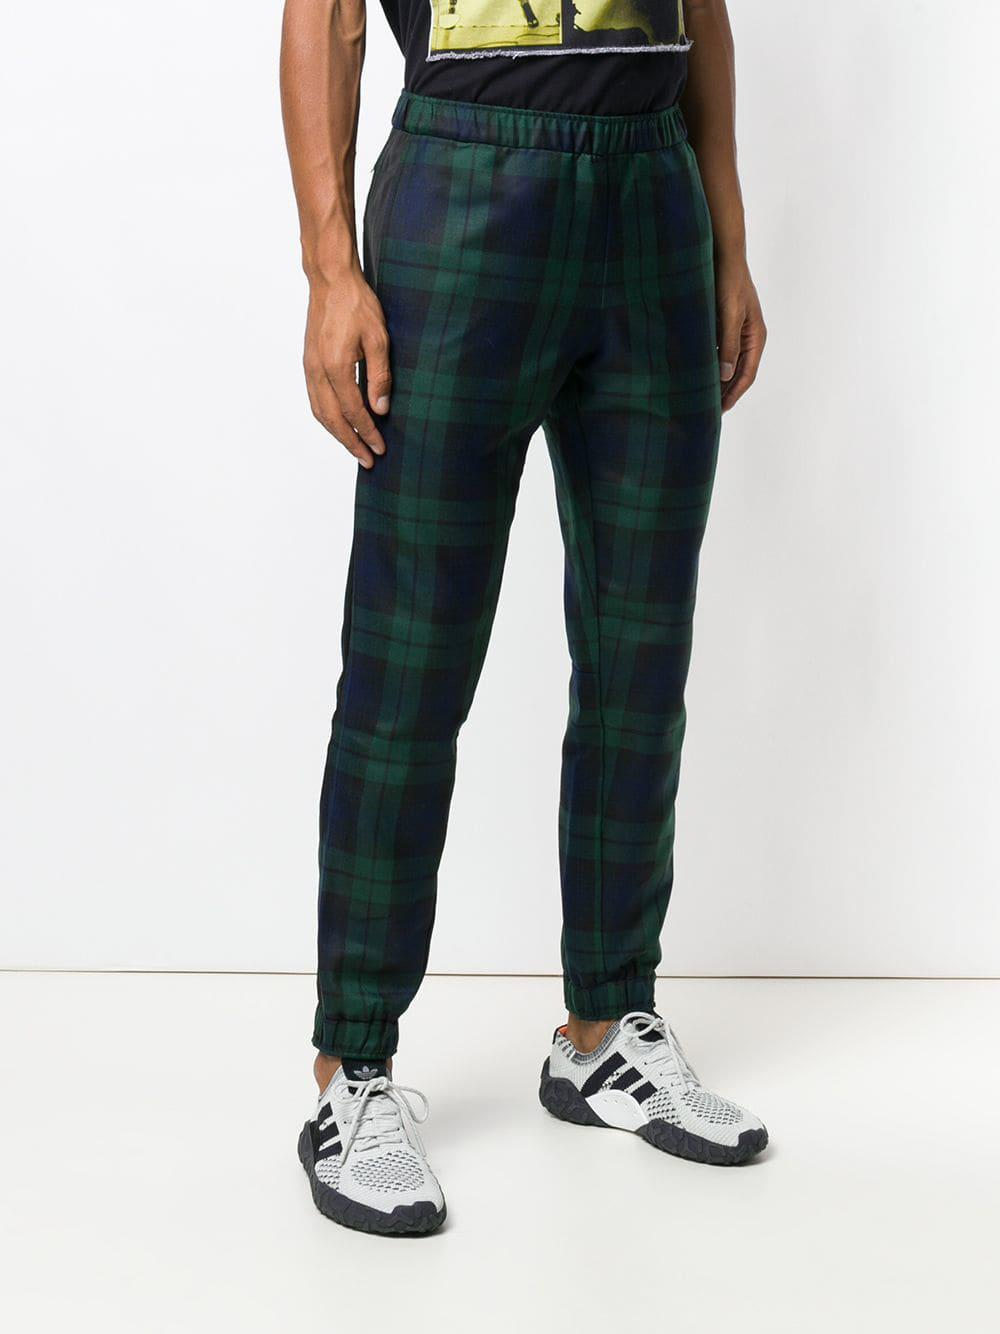 Astrid Andersen Wol Tartan Elasticated Trousers in het Groen voor heren